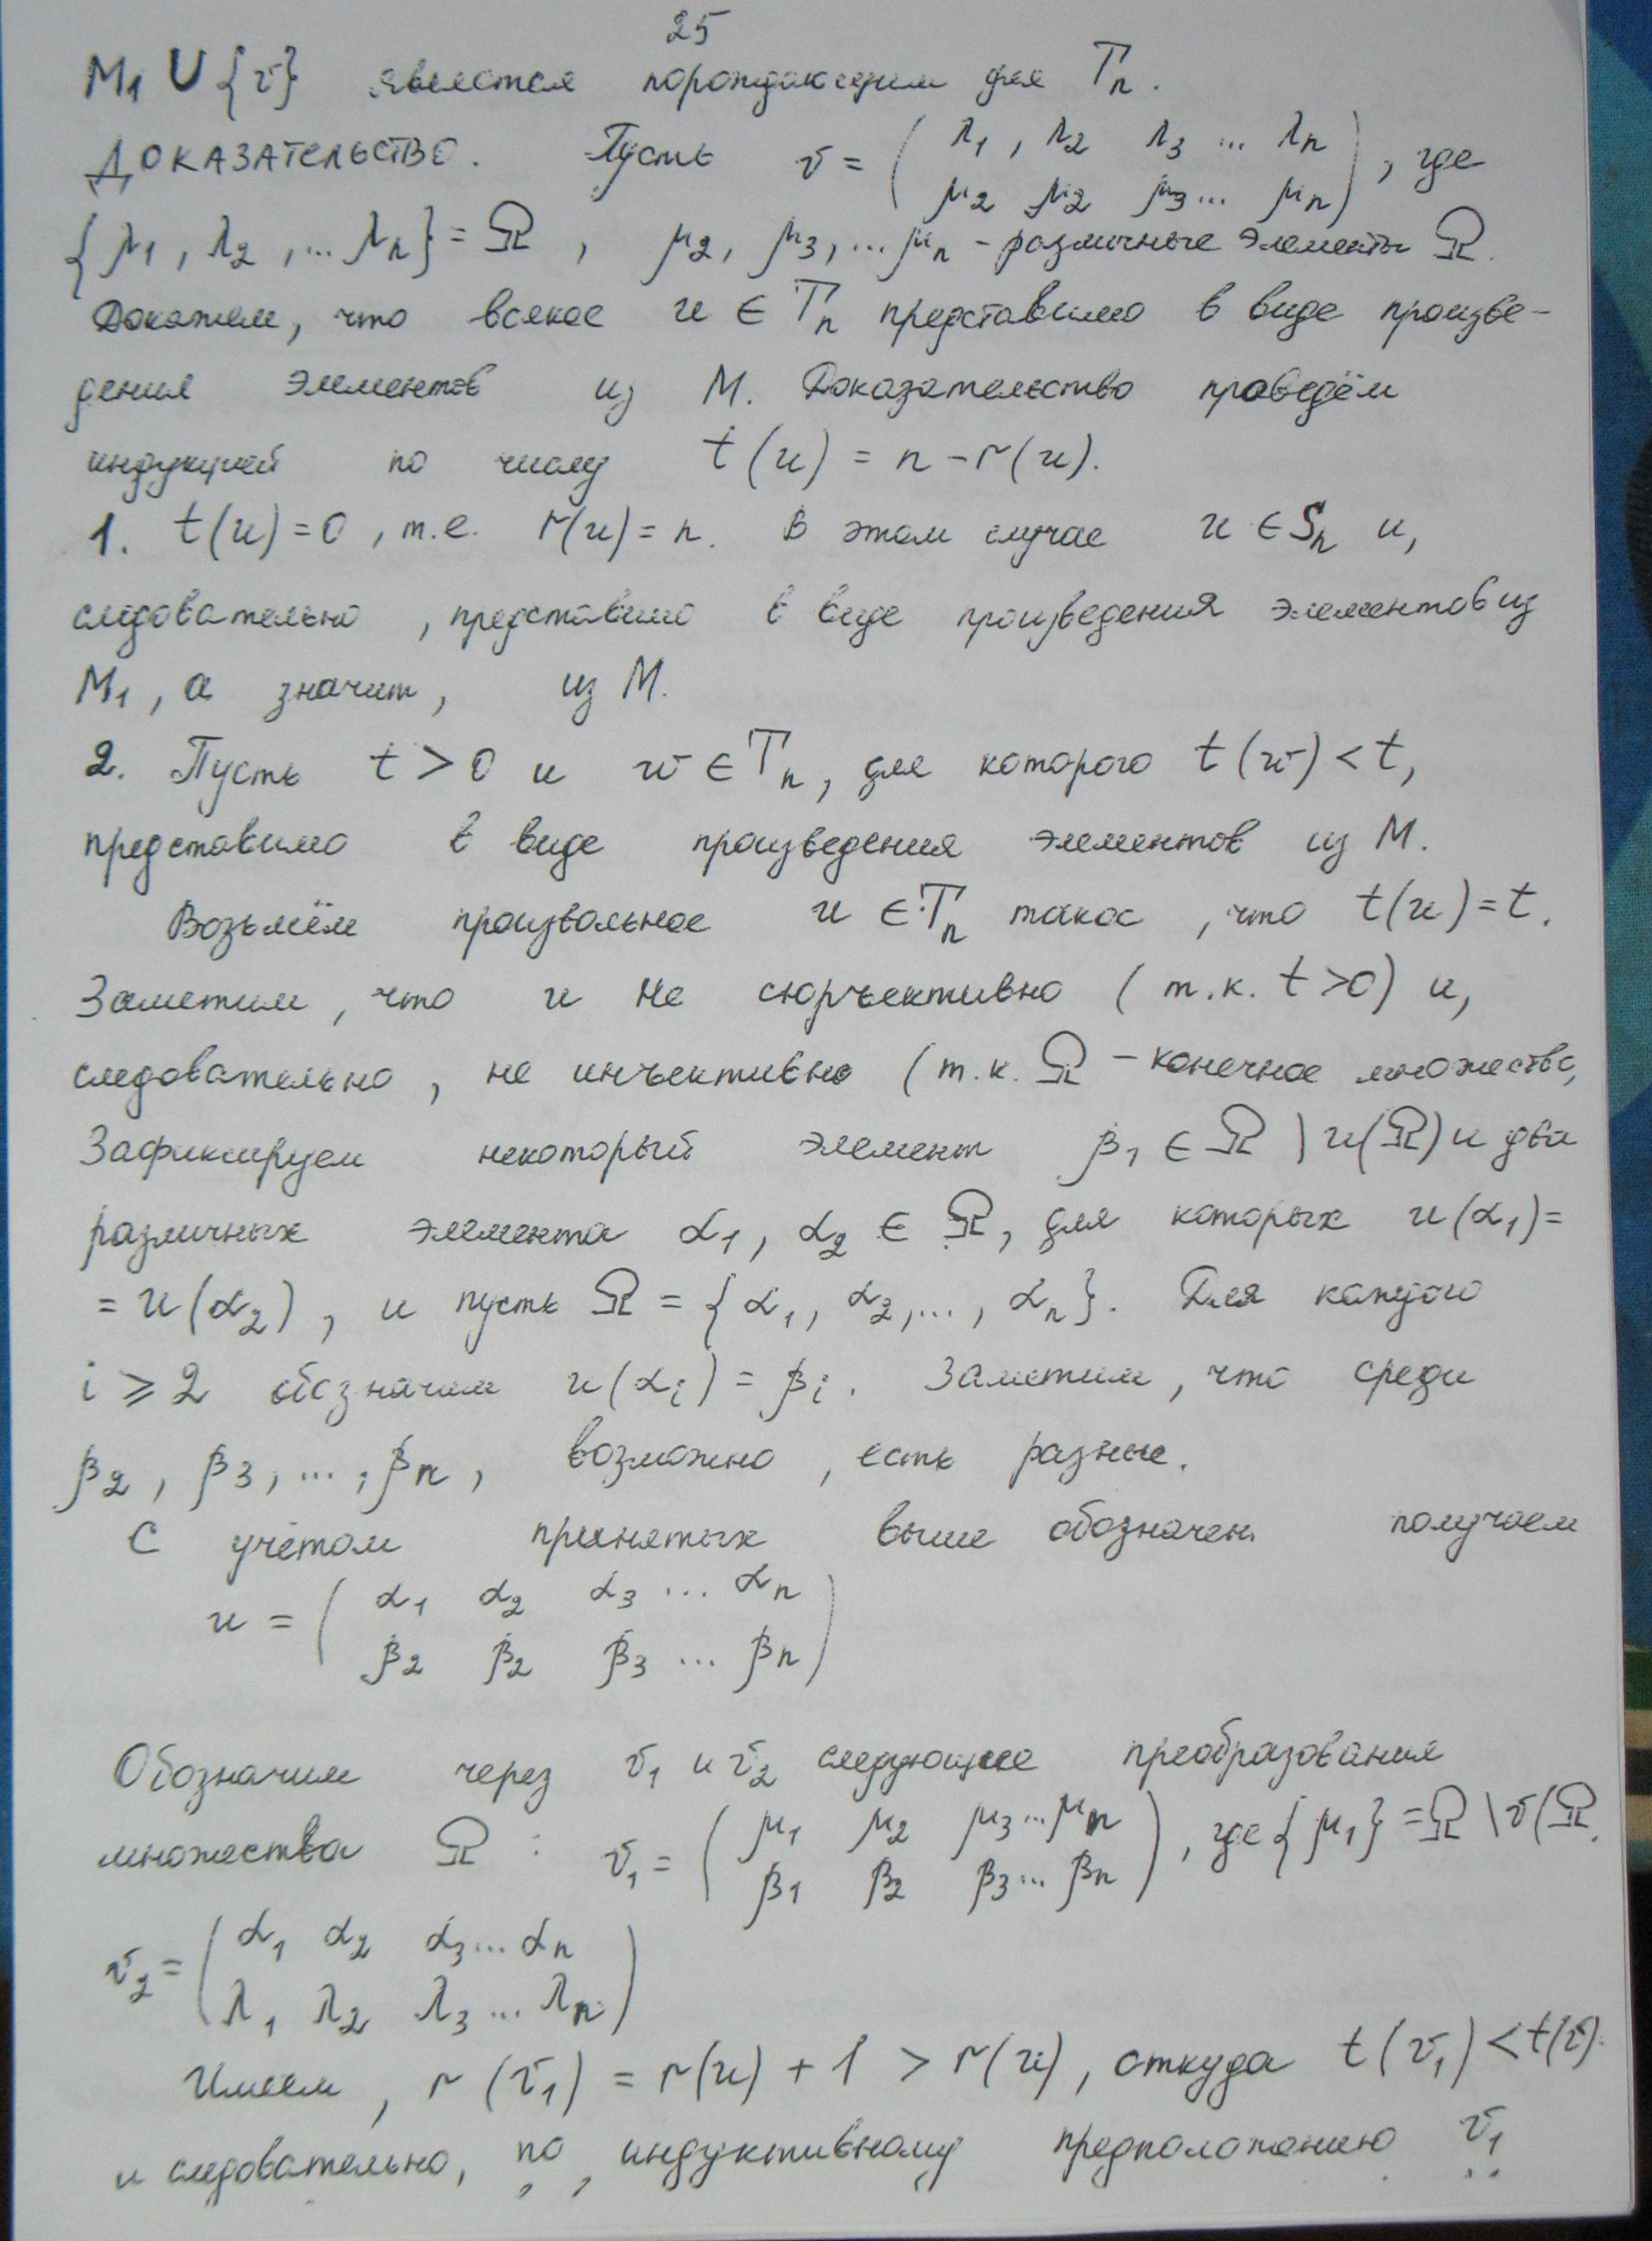 Распознавание рукописного текста